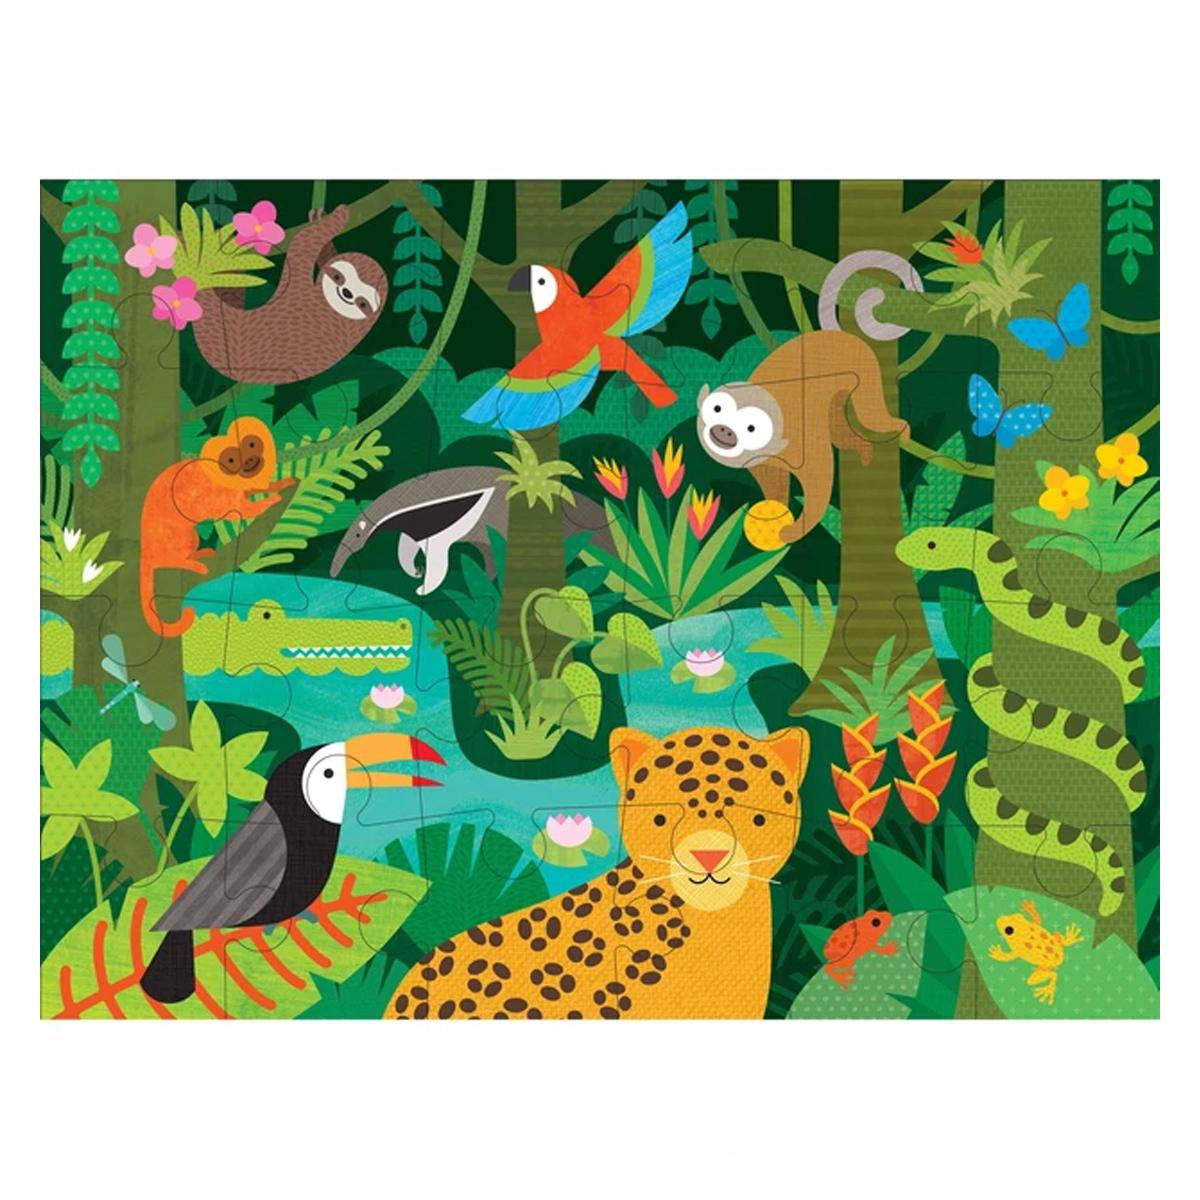 Mes premiers jouets Puzzle de Sol La Forêt Tropicale Puzzle de Sol La Forêt Tropicale